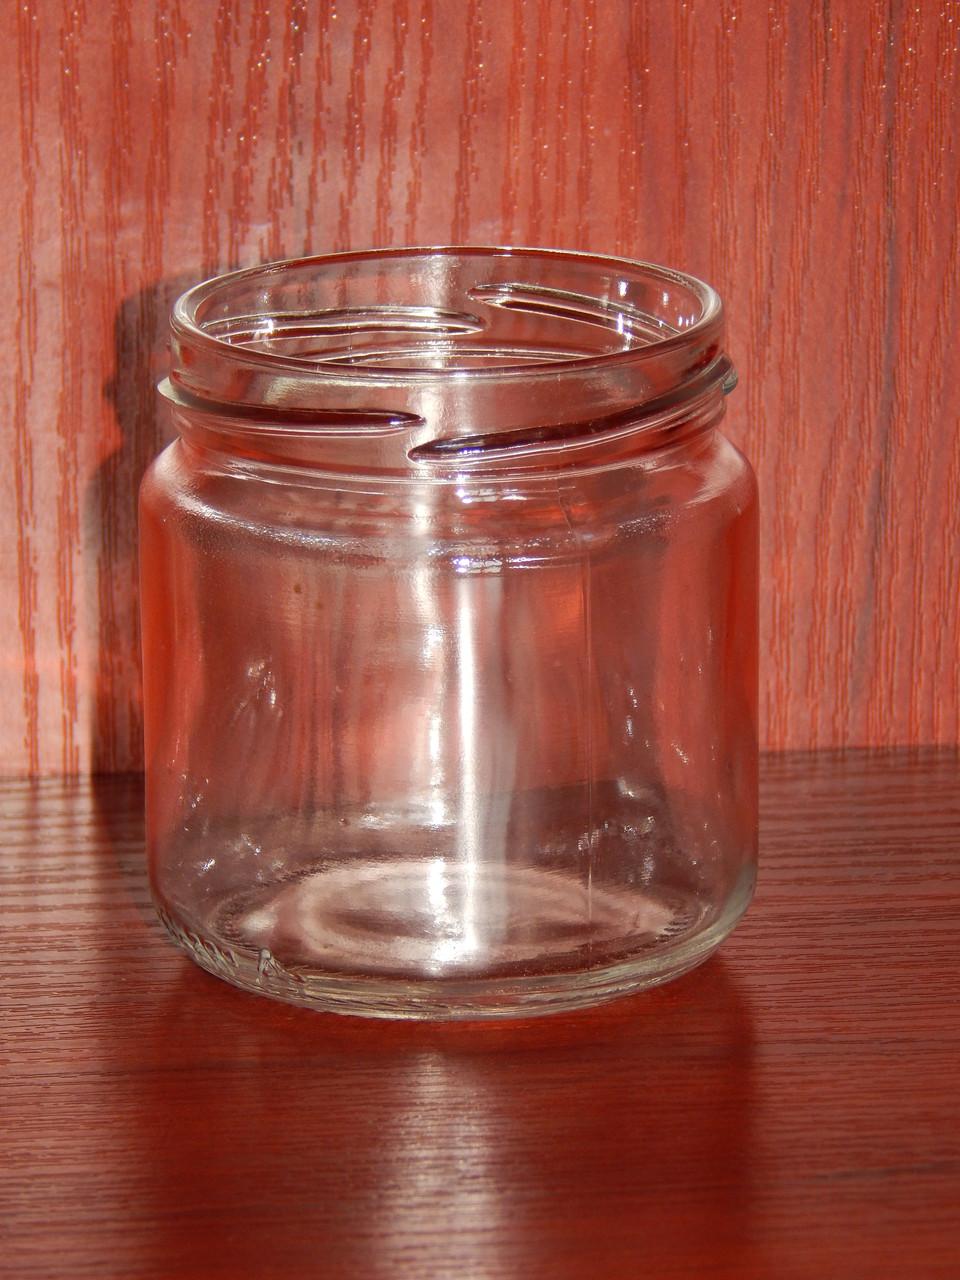 Банка стеклянная 200 мл с горловиной твист 66 мм (20 штук в упаковке)